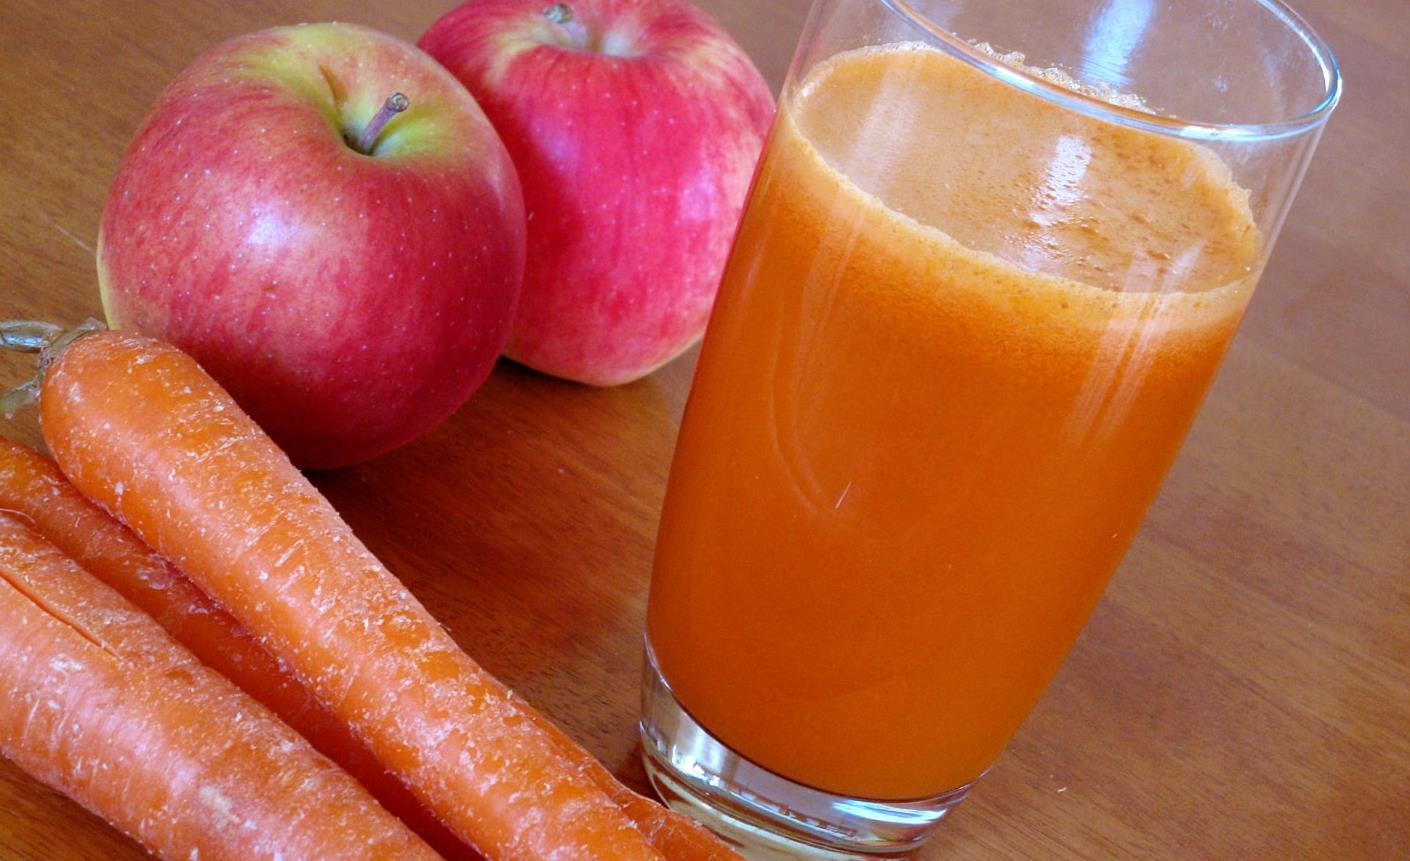 Resep 5 Jus Sayuran yang Berkhasiat Untuk Turunkan Berat Badan